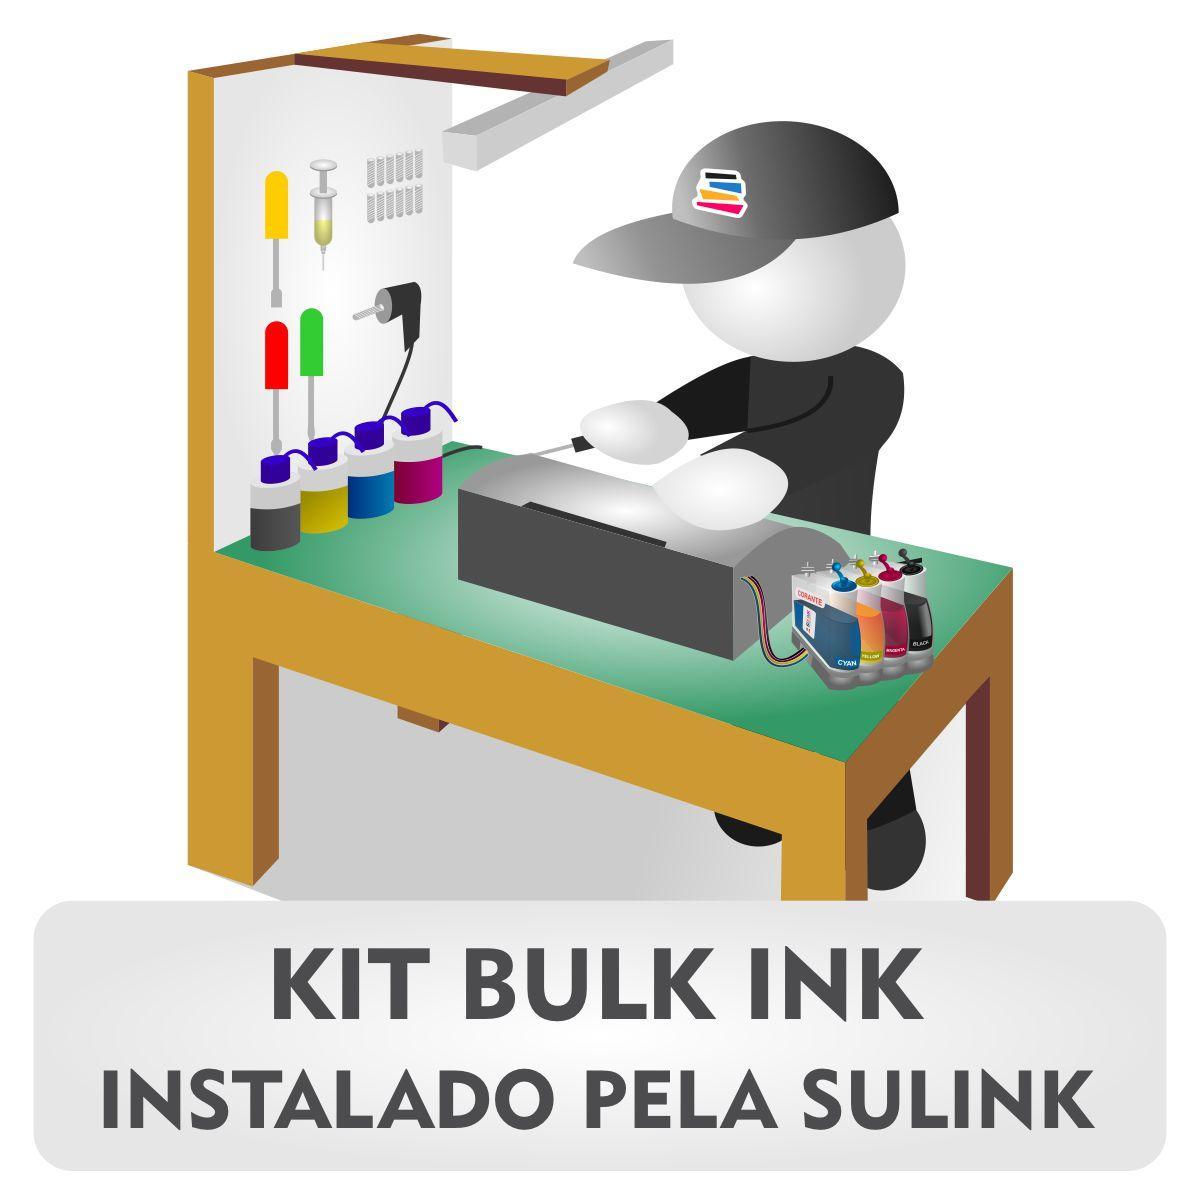 INSTALADO - Bulk Ink para HP 4615 | 4625 | 5525 | 3525 - Rocket 60ml 4 Cores Linha Vivera Preto Fotográfico e Colorido Corante - (Sem Cartucho - Utilizar Original HP do Cliente)